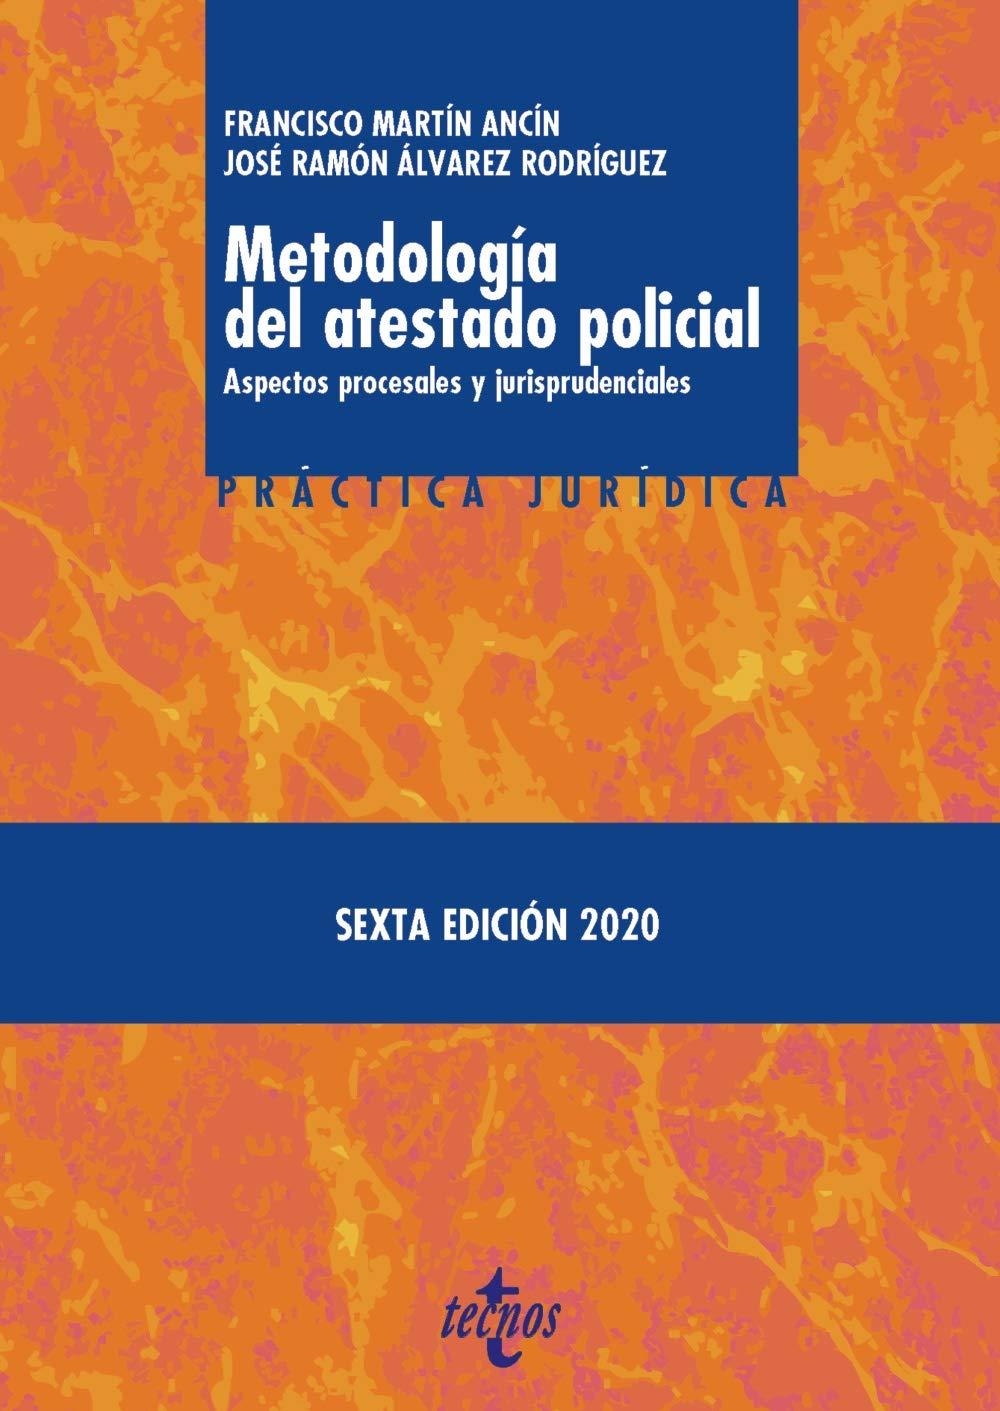 Metodología del atestado policial: Aspectos procesales y jurisprudenciales